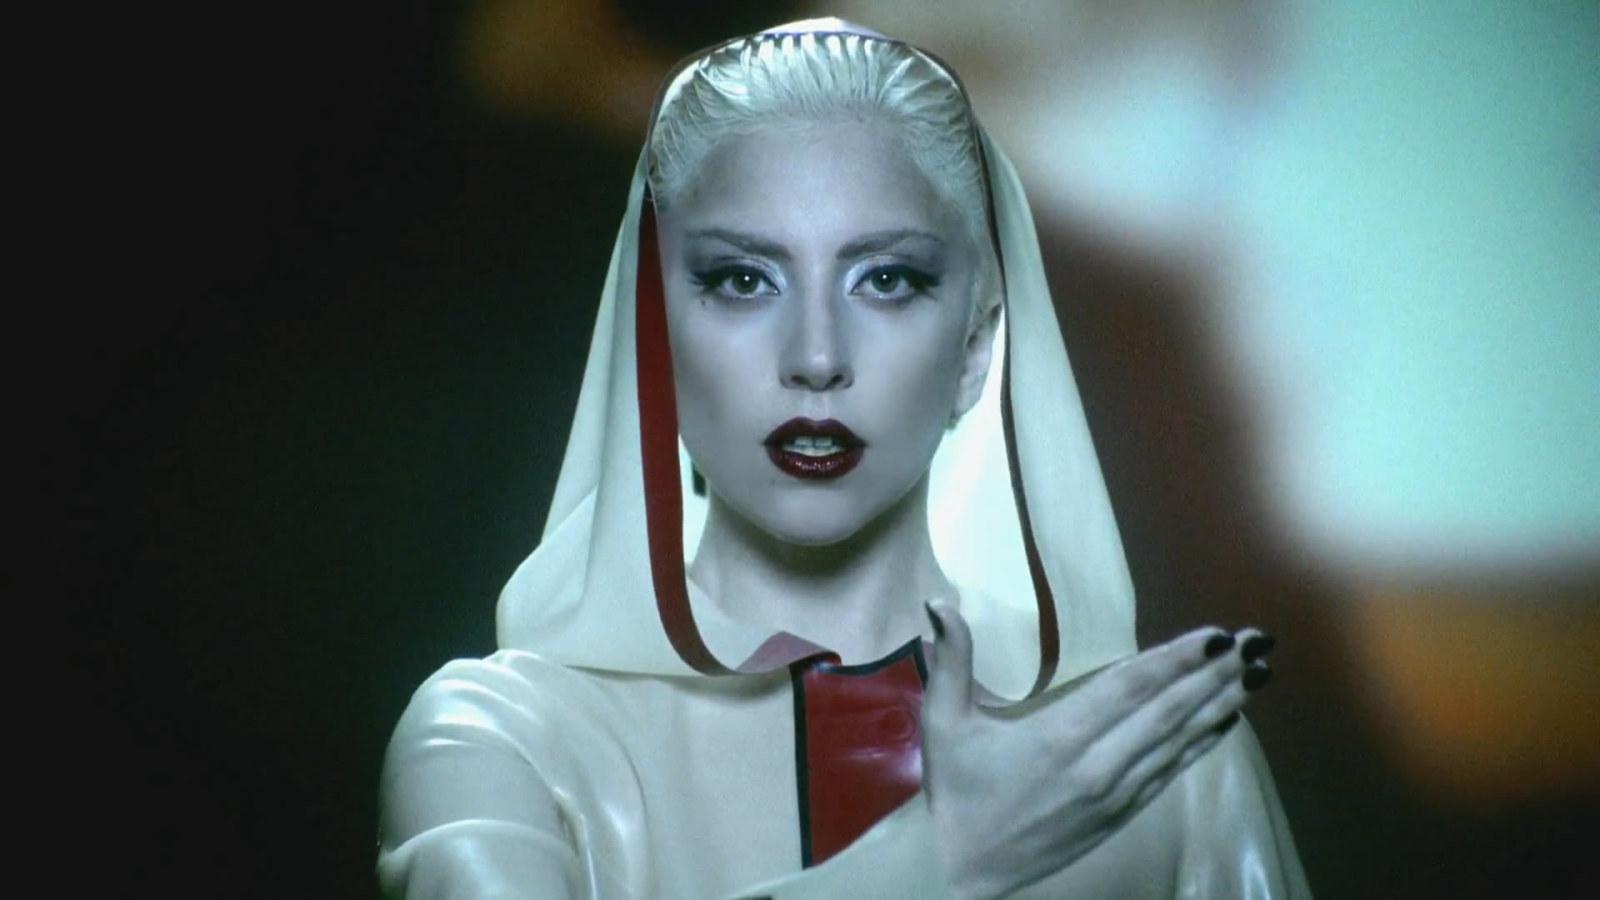 Lady gaga marry the night live grammy awards 2012 american idol ellen x factor americas got talent - 1 9